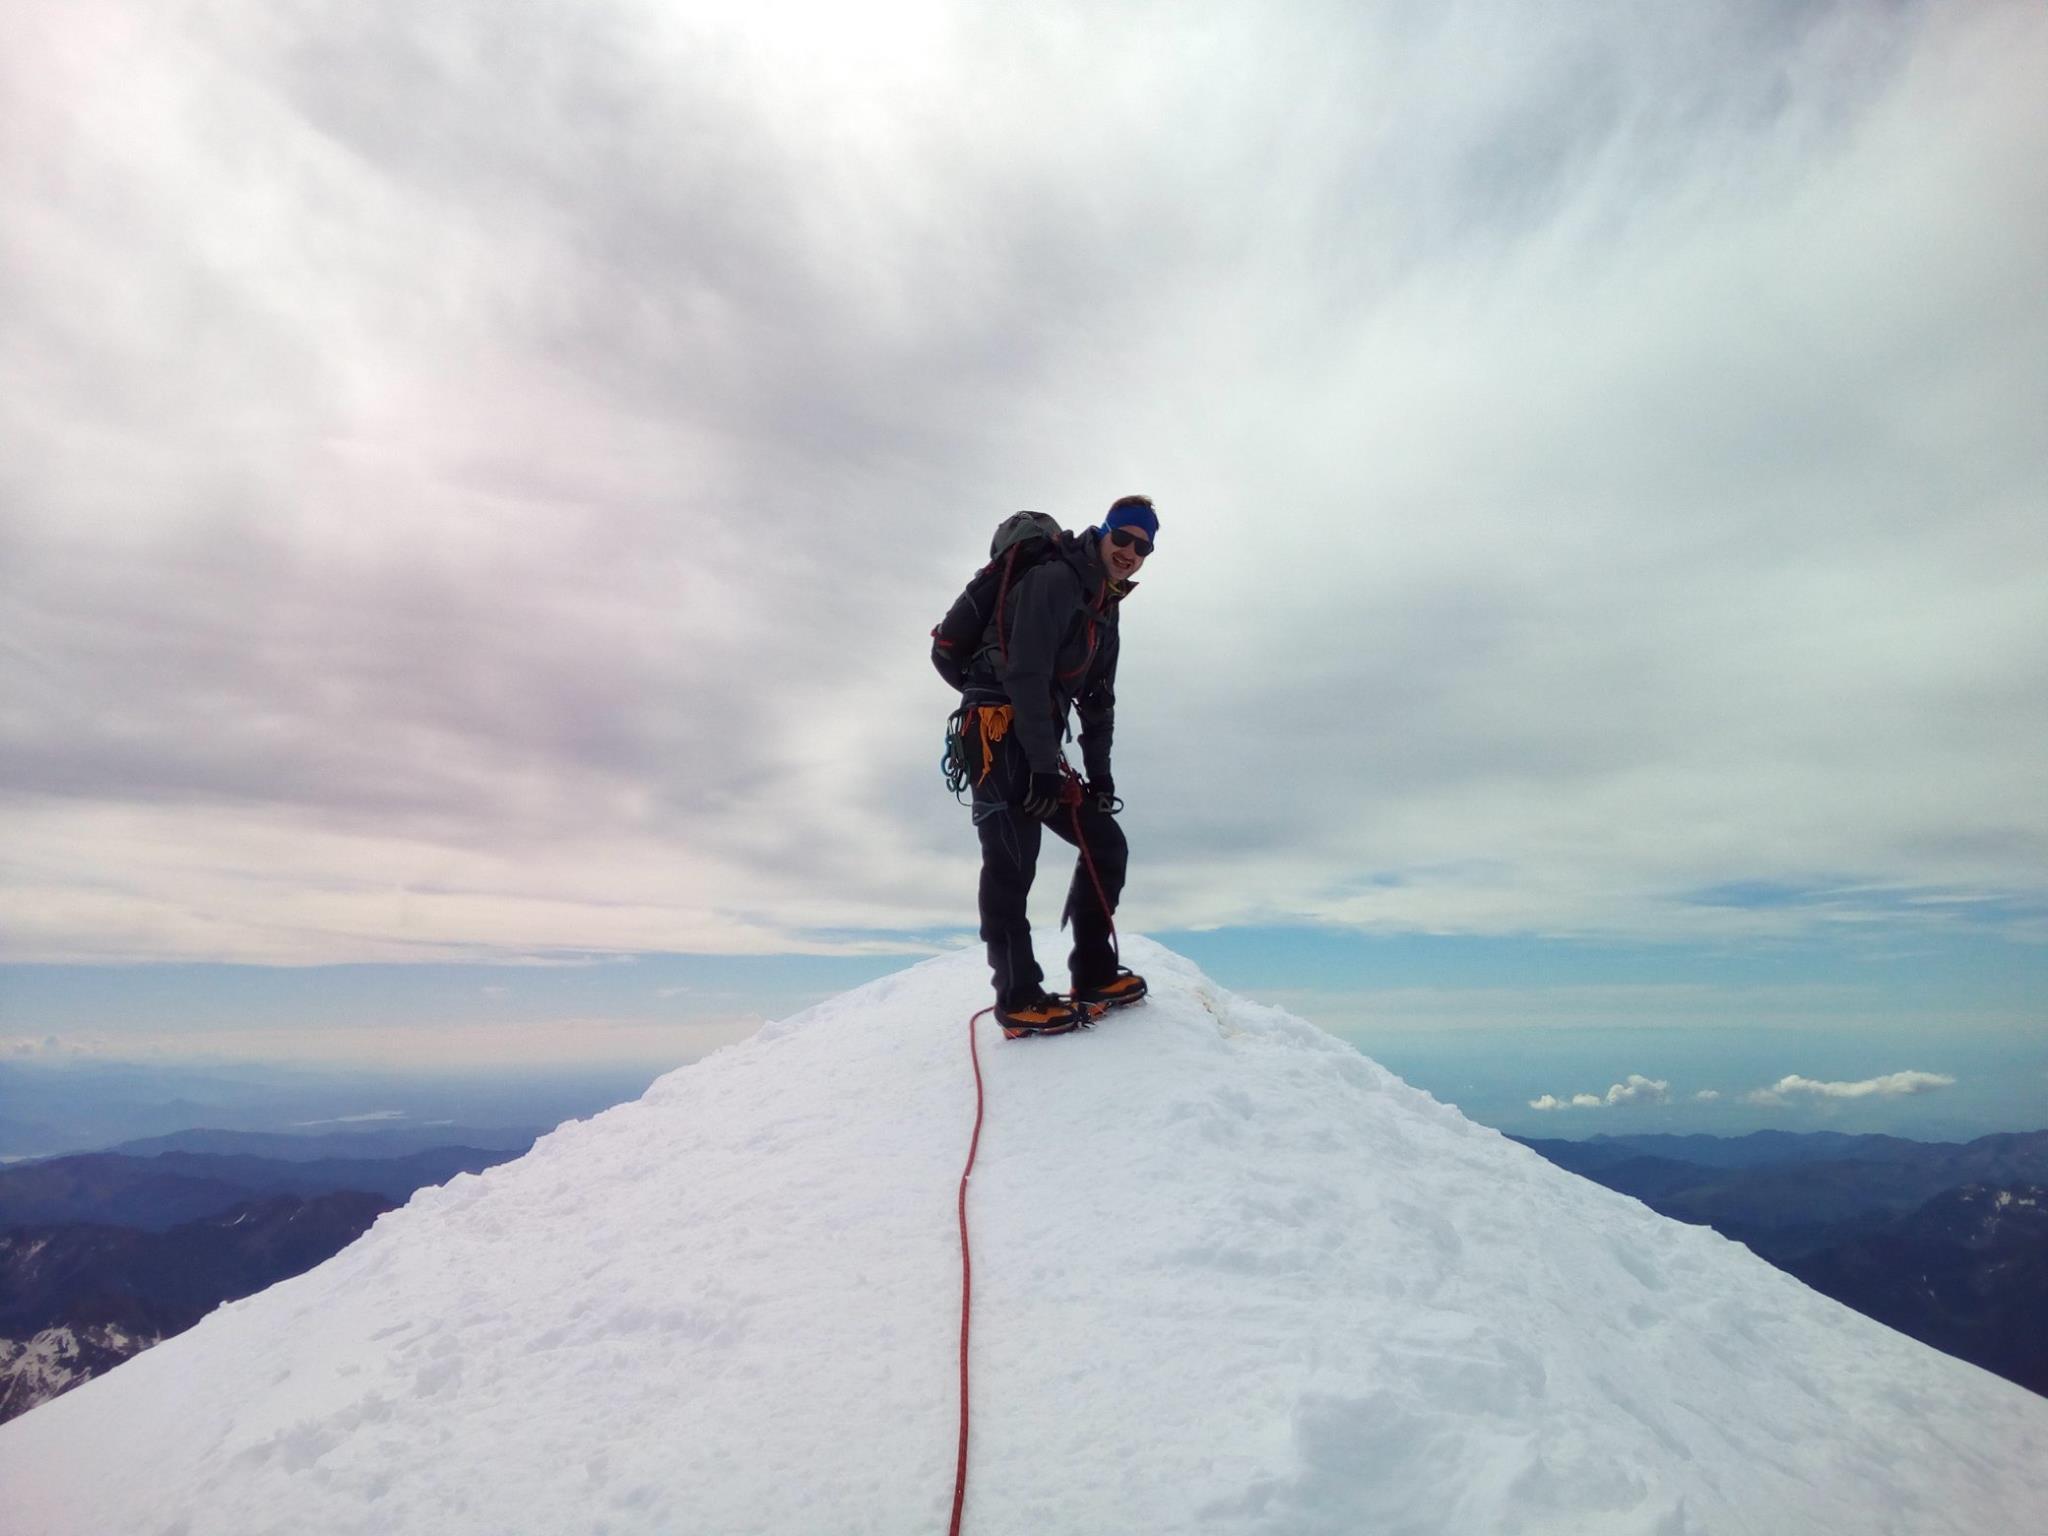 Ziele – Ladhak / Stok Kangri (6.153 m): Laudi will's wissen und steigt seinem ersten 6.000er aufs Dach – ein Gastbeitrag